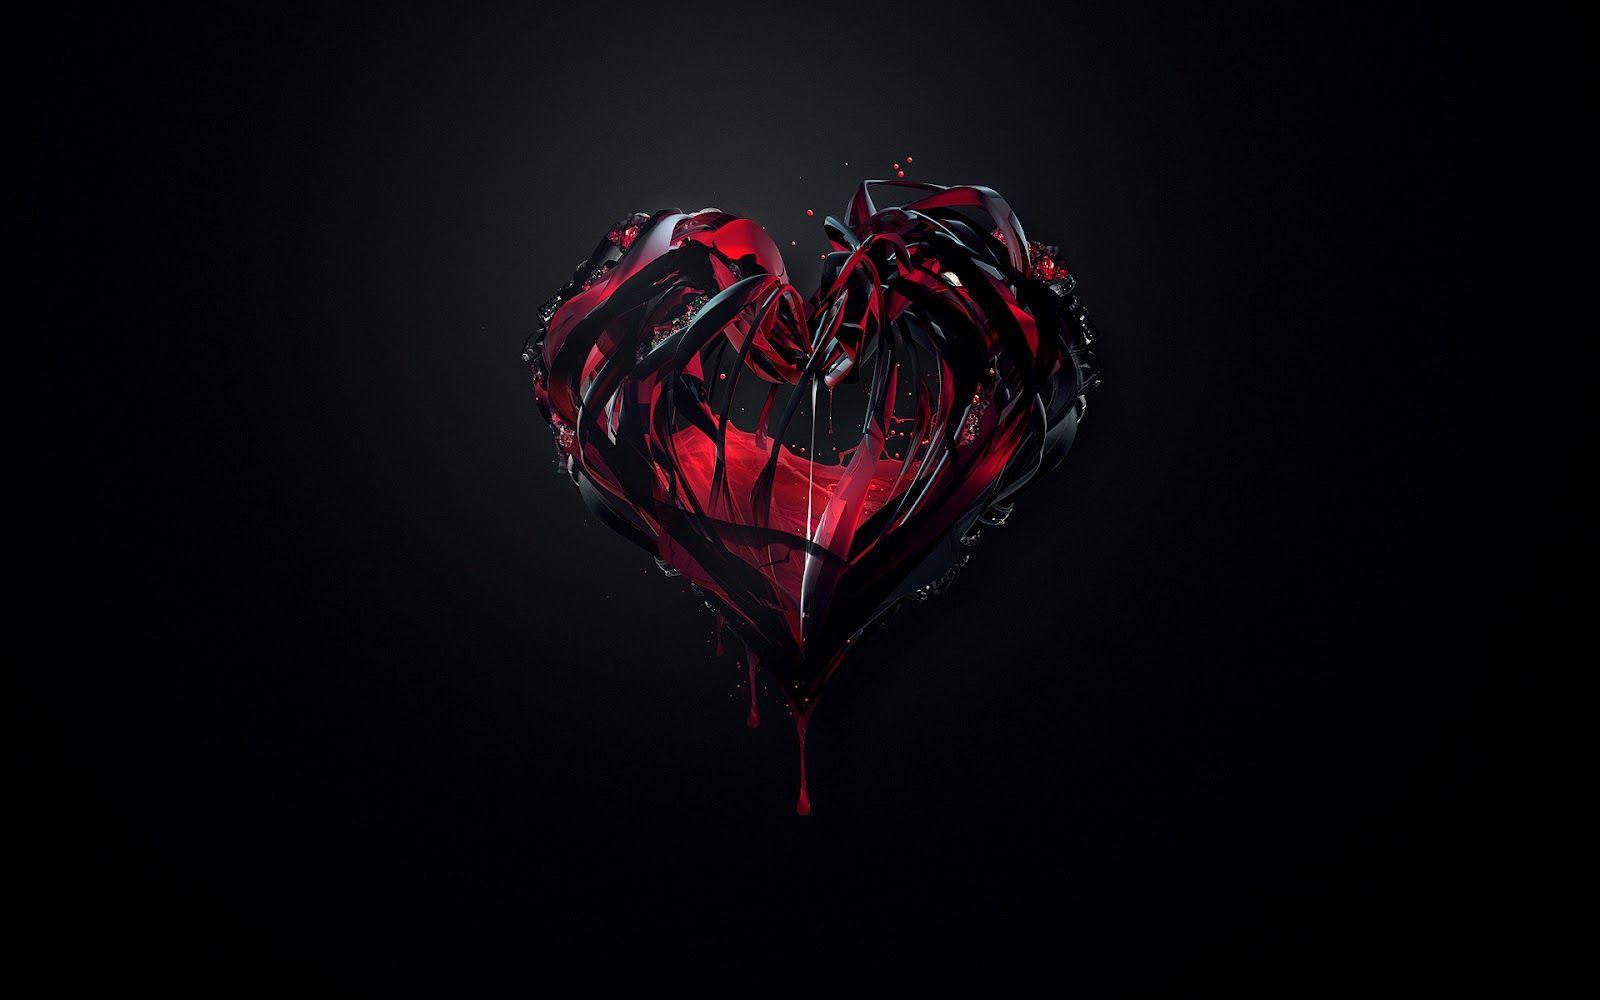 Bunch Of Random Wallpapers Broken Heart Wallpaper Heart Wallpaper Red And Black Wallpaper